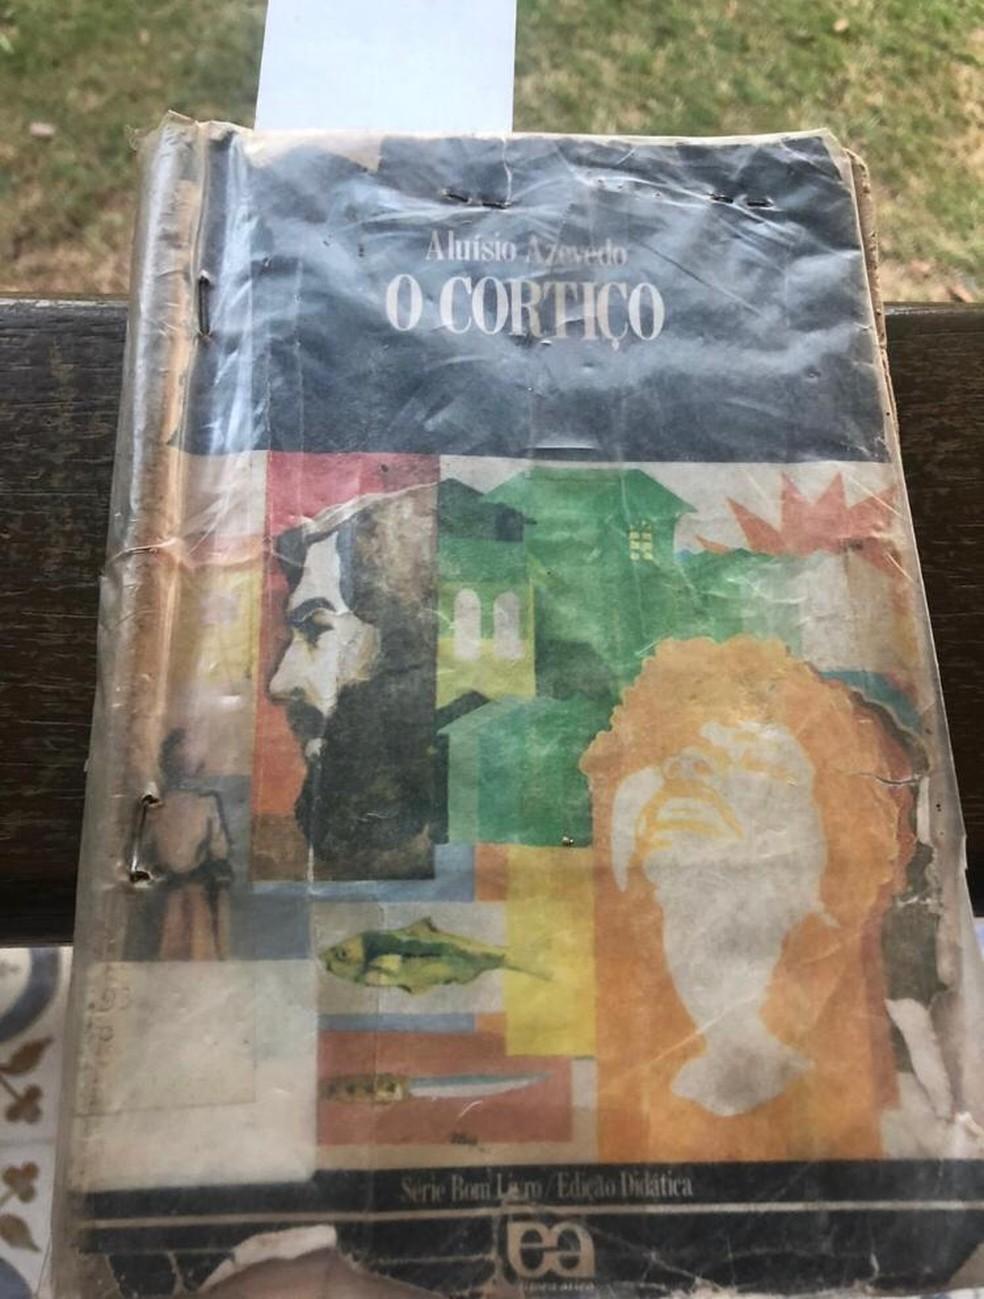 Livro 'O Cortiço', devolvido 20 anos depois do empréstimo  — Foto: Antônio Galvão/Arquivo pessoal